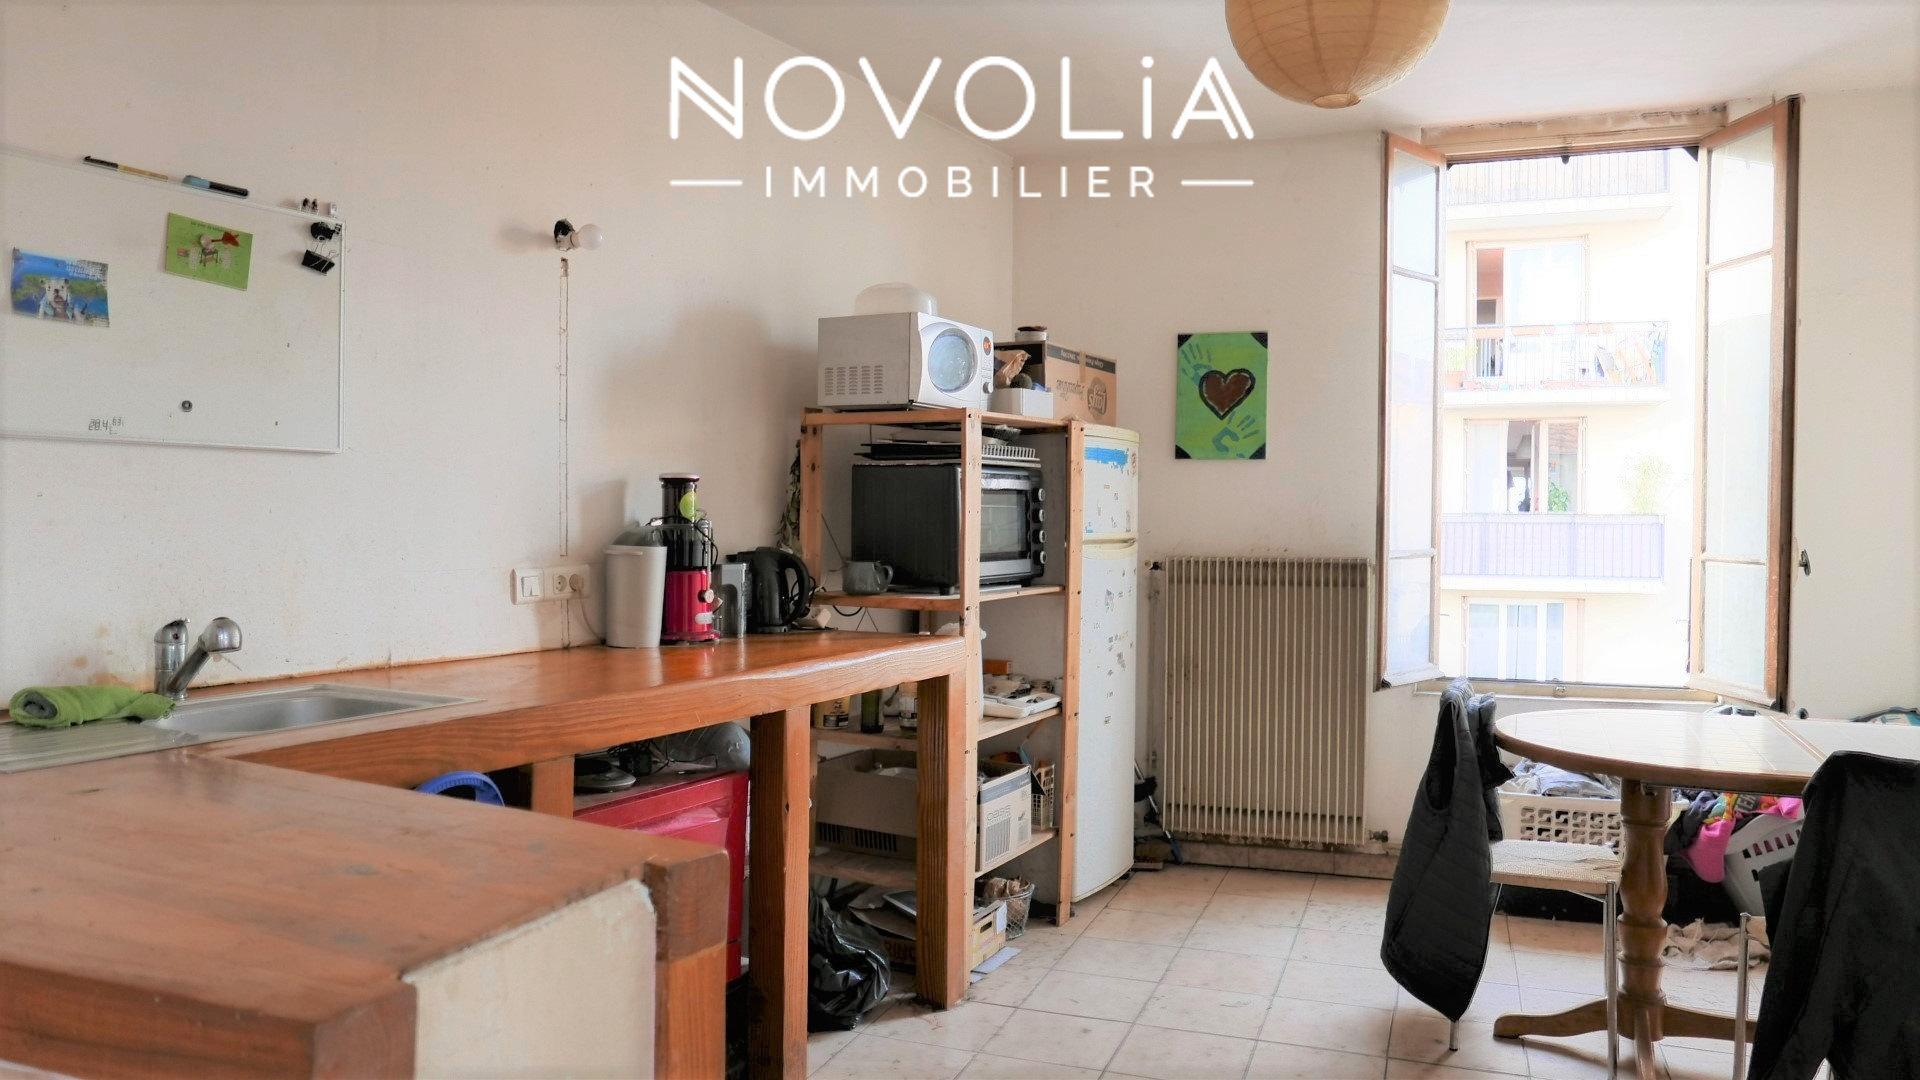 Achat Appartement Surface de 49 m²/ Total carrez : 49 m², 3 pièces, Villeurbanne (69100)